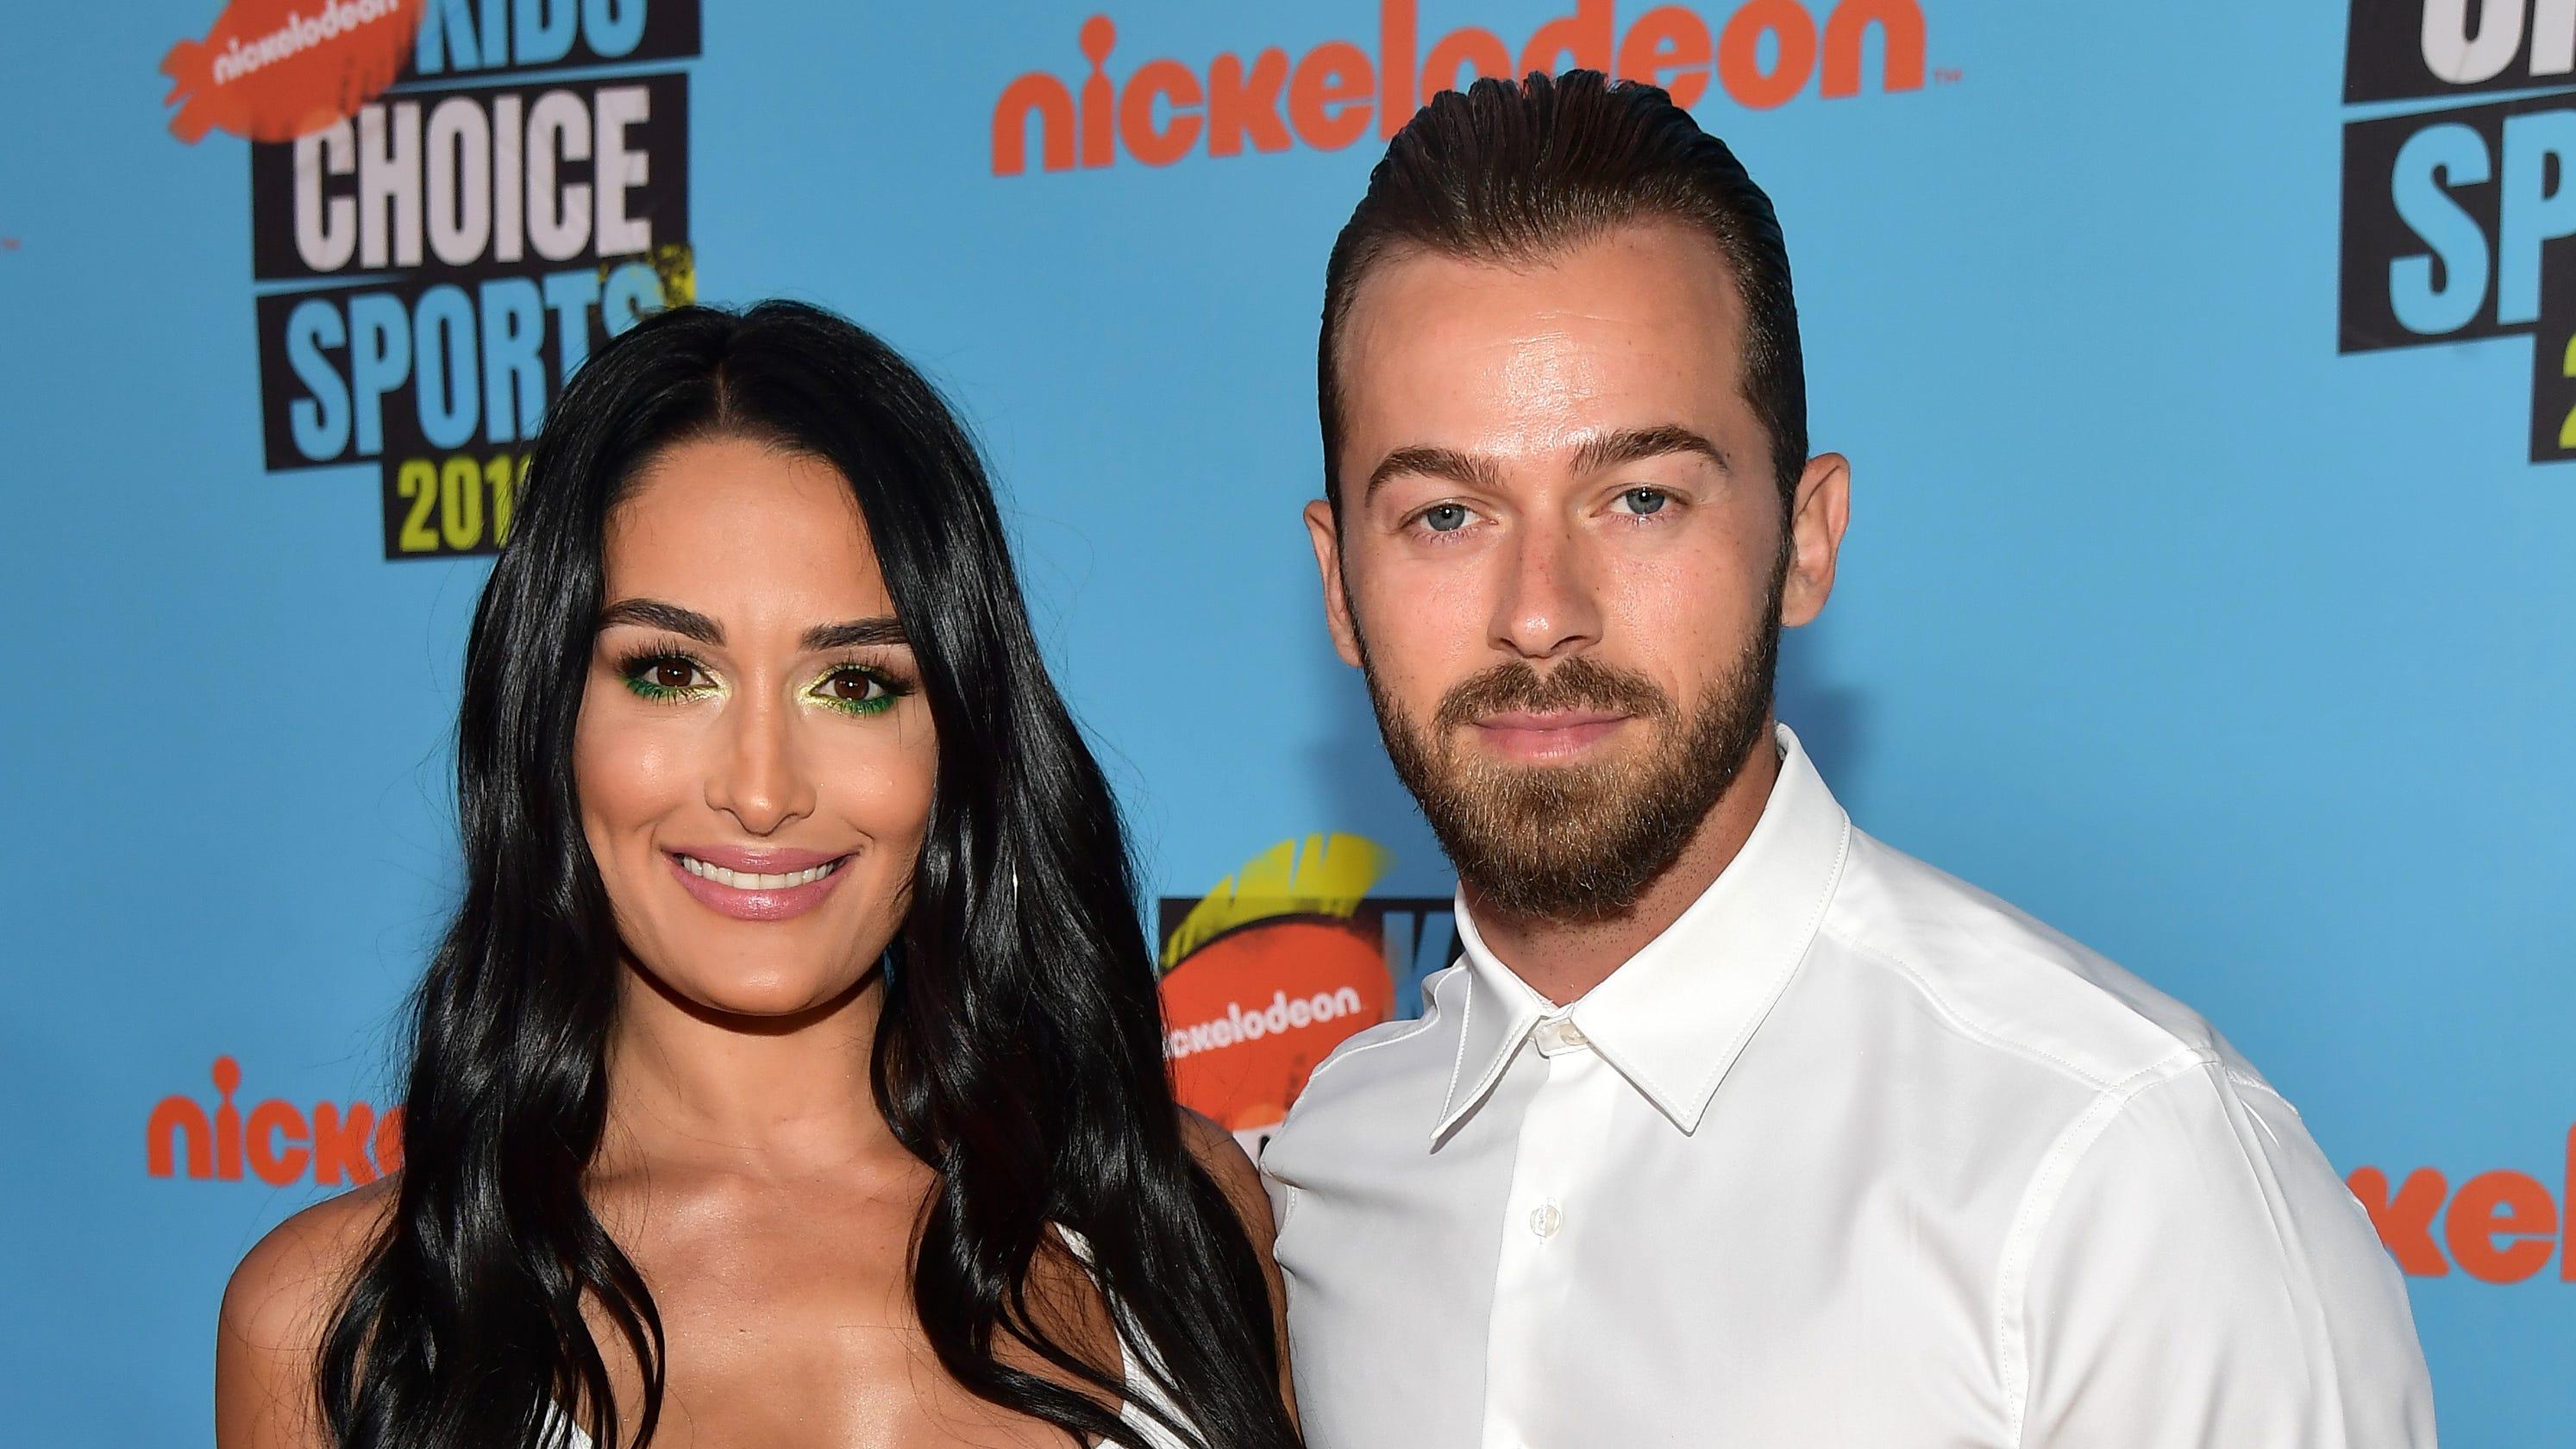 Nikki Bella reveals she's engaged to former 'DWTS' partner Artem Chigvintsev